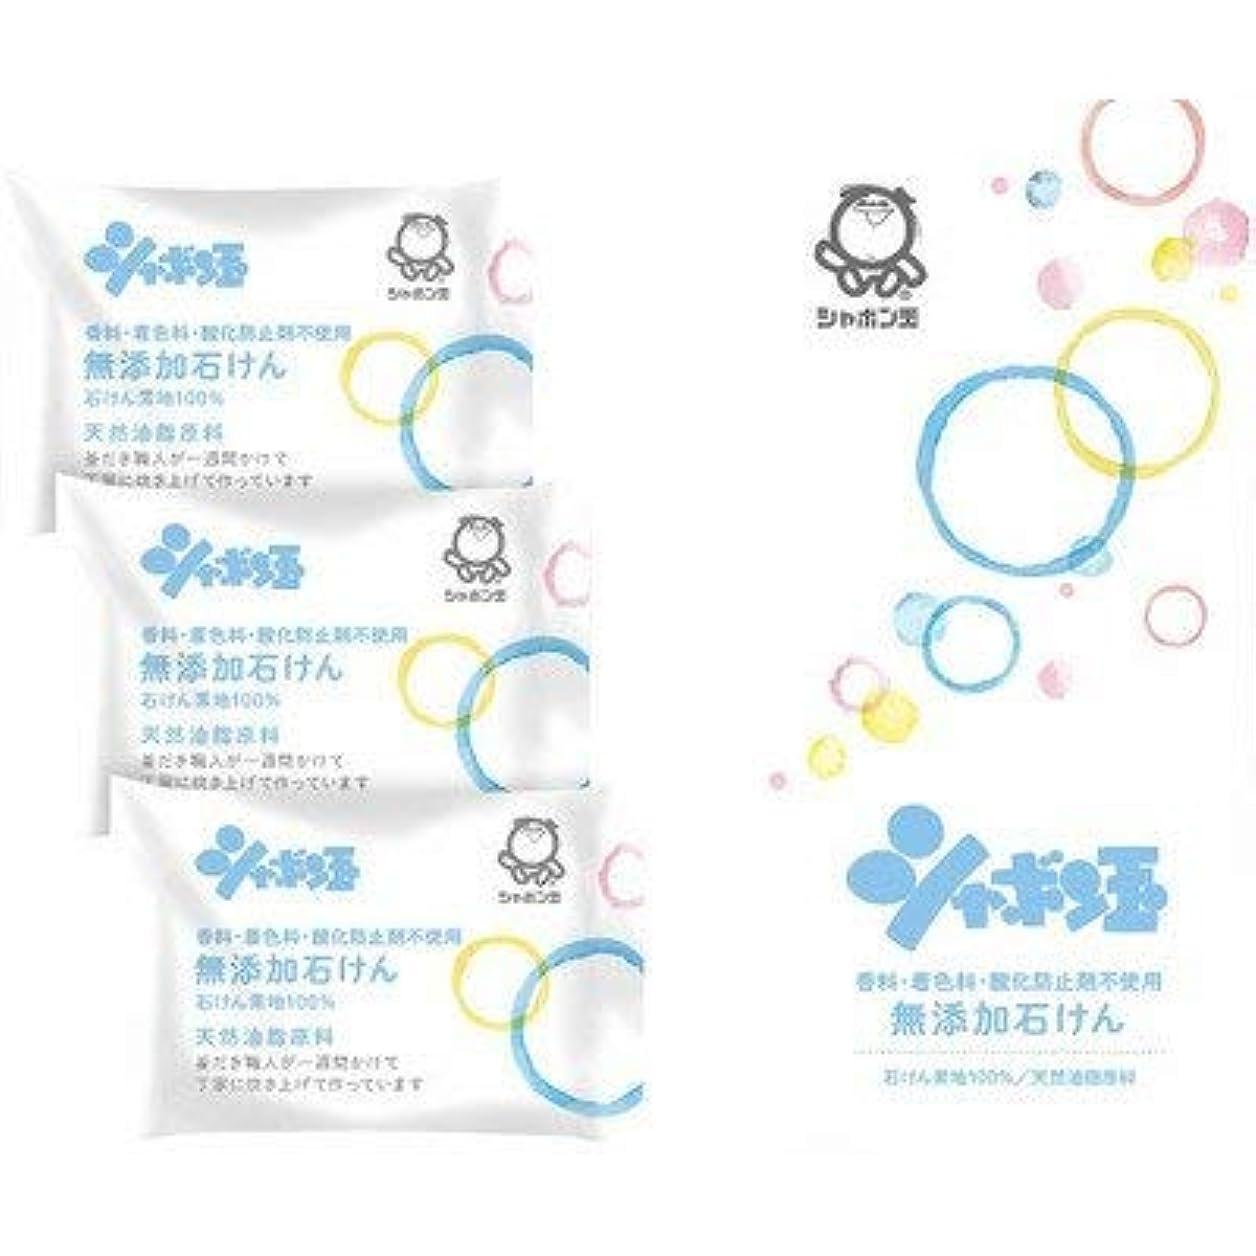 怒り伝染性ラジカル【ギフトセット】 シャボン玉無添加石鹸ギフトセット SMG-5B